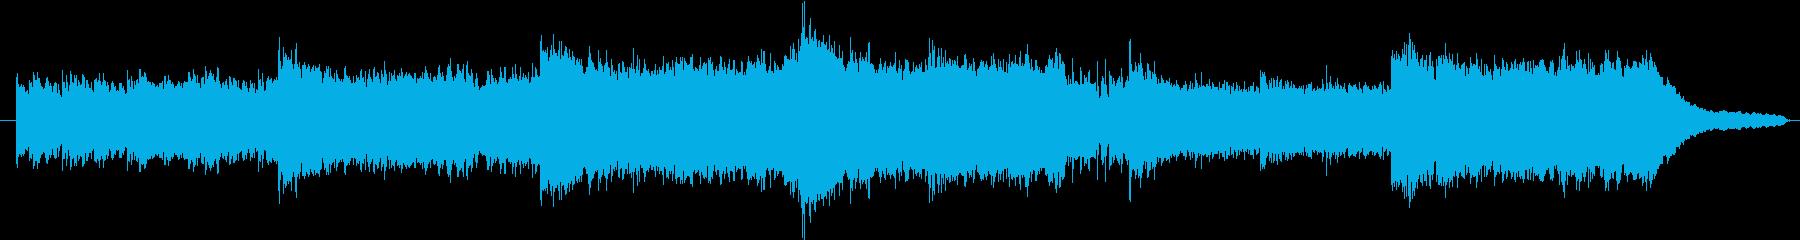 感情的に充実した曲の再生済みの波形